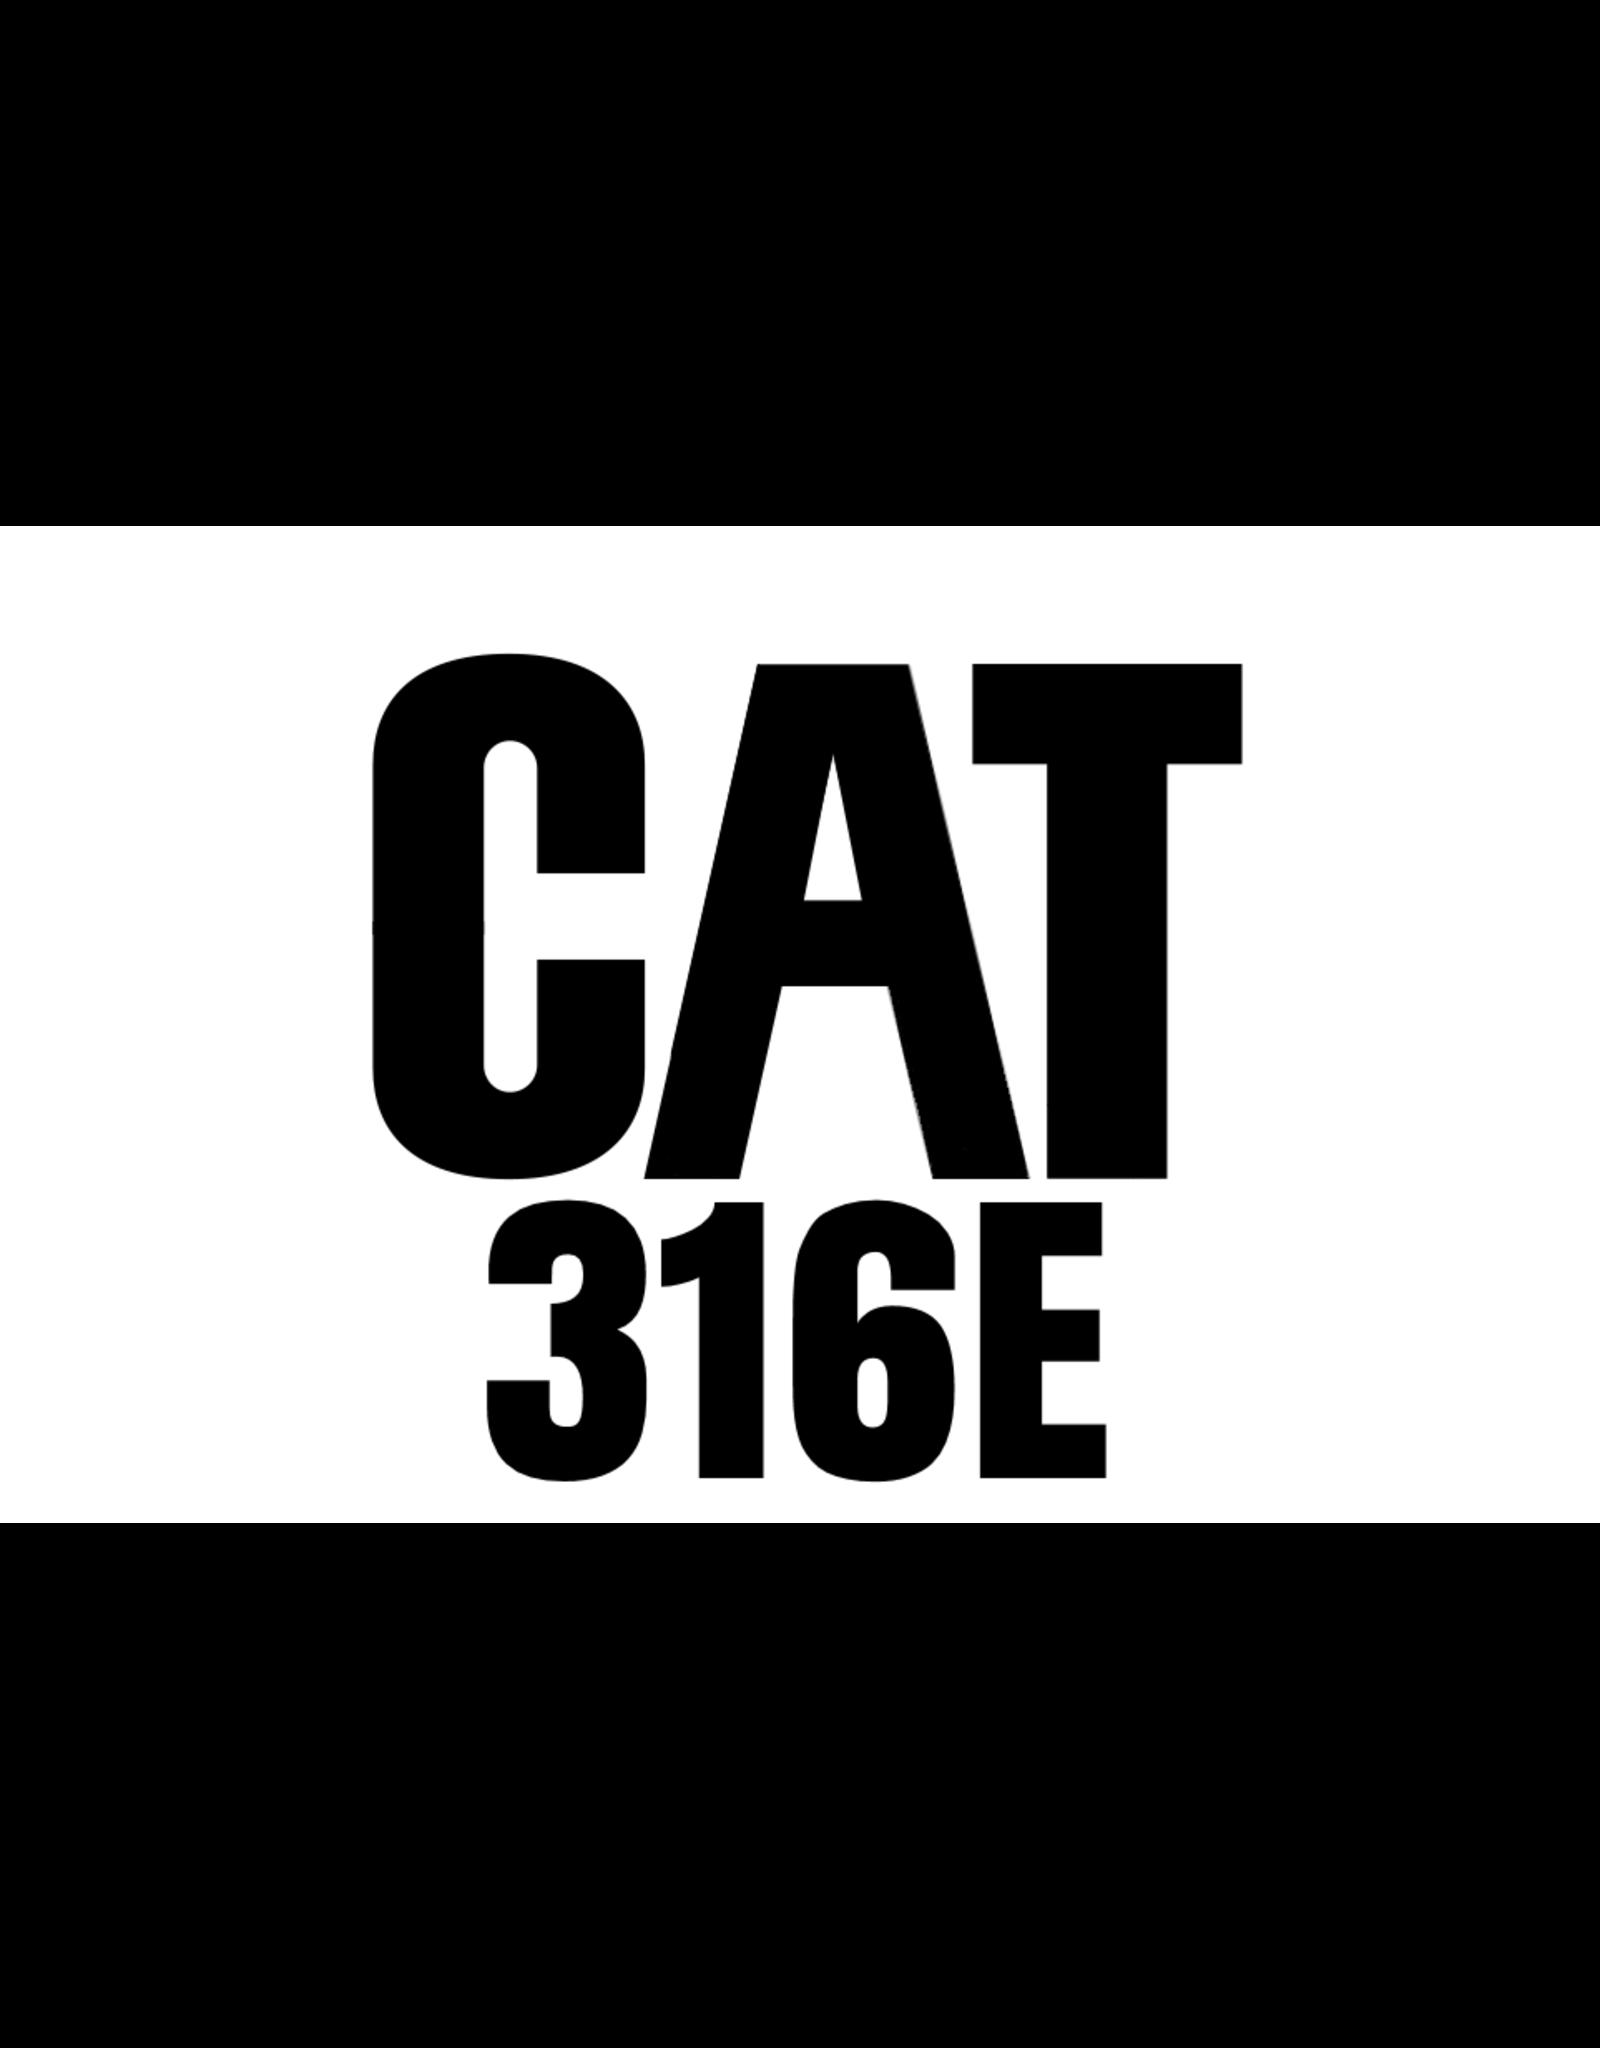 Echle Hartstahl GmbH FOPS for CAT 316E